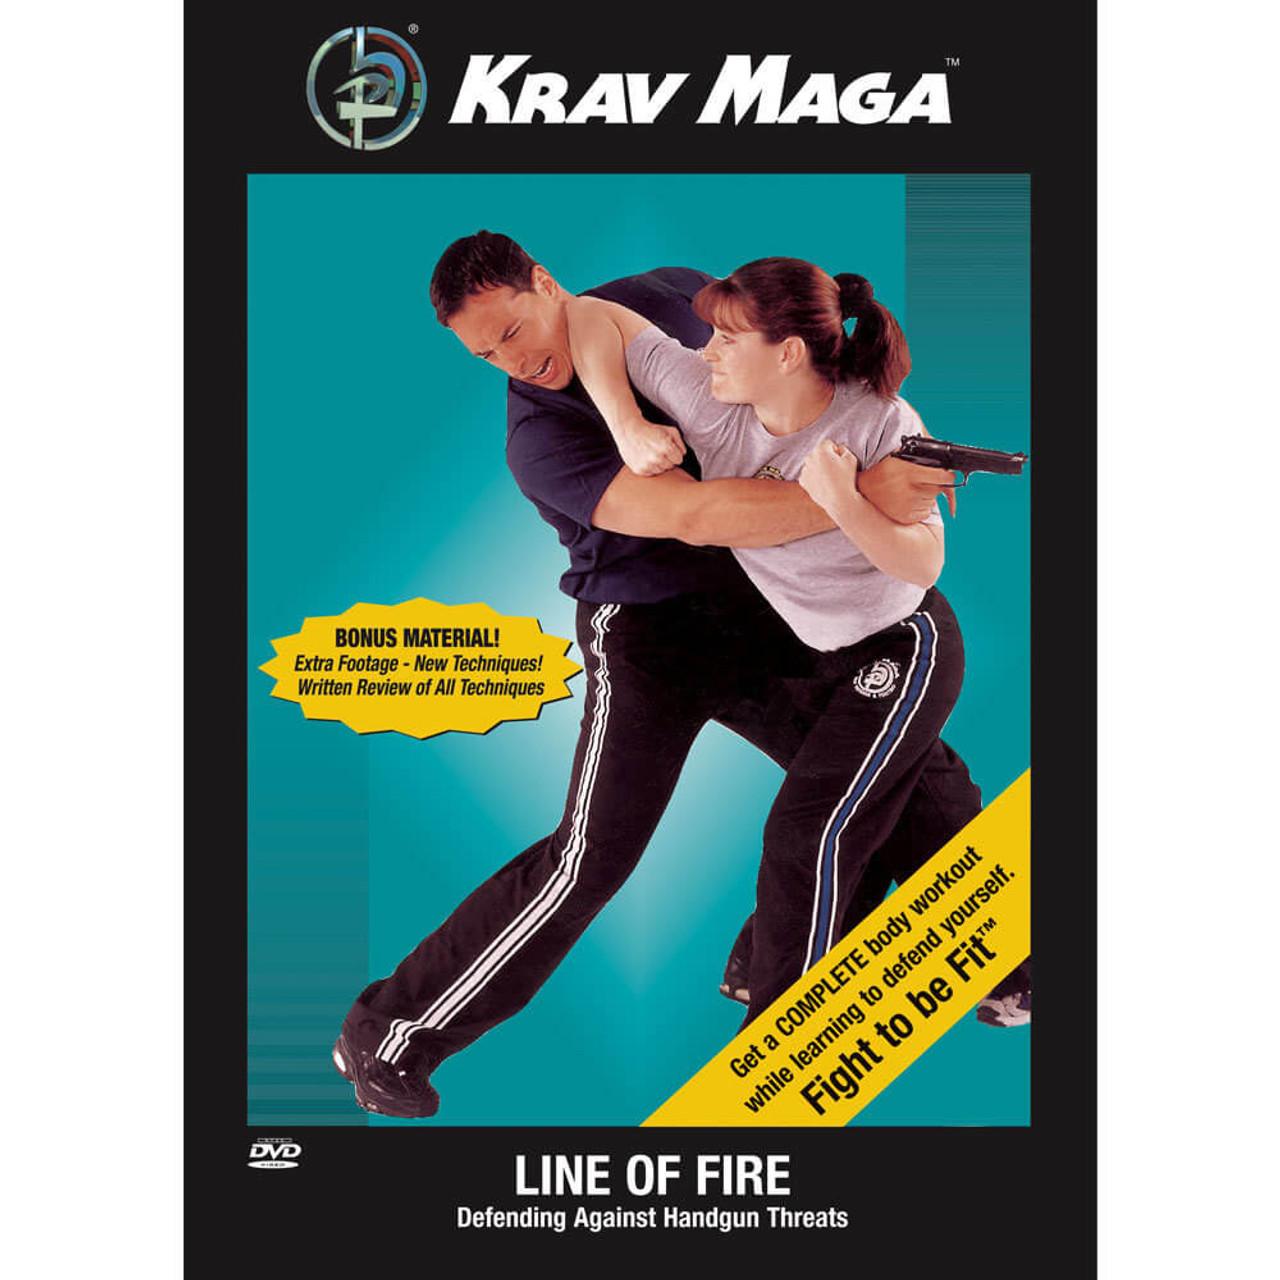 Krav Maga: Line of Fire DVD